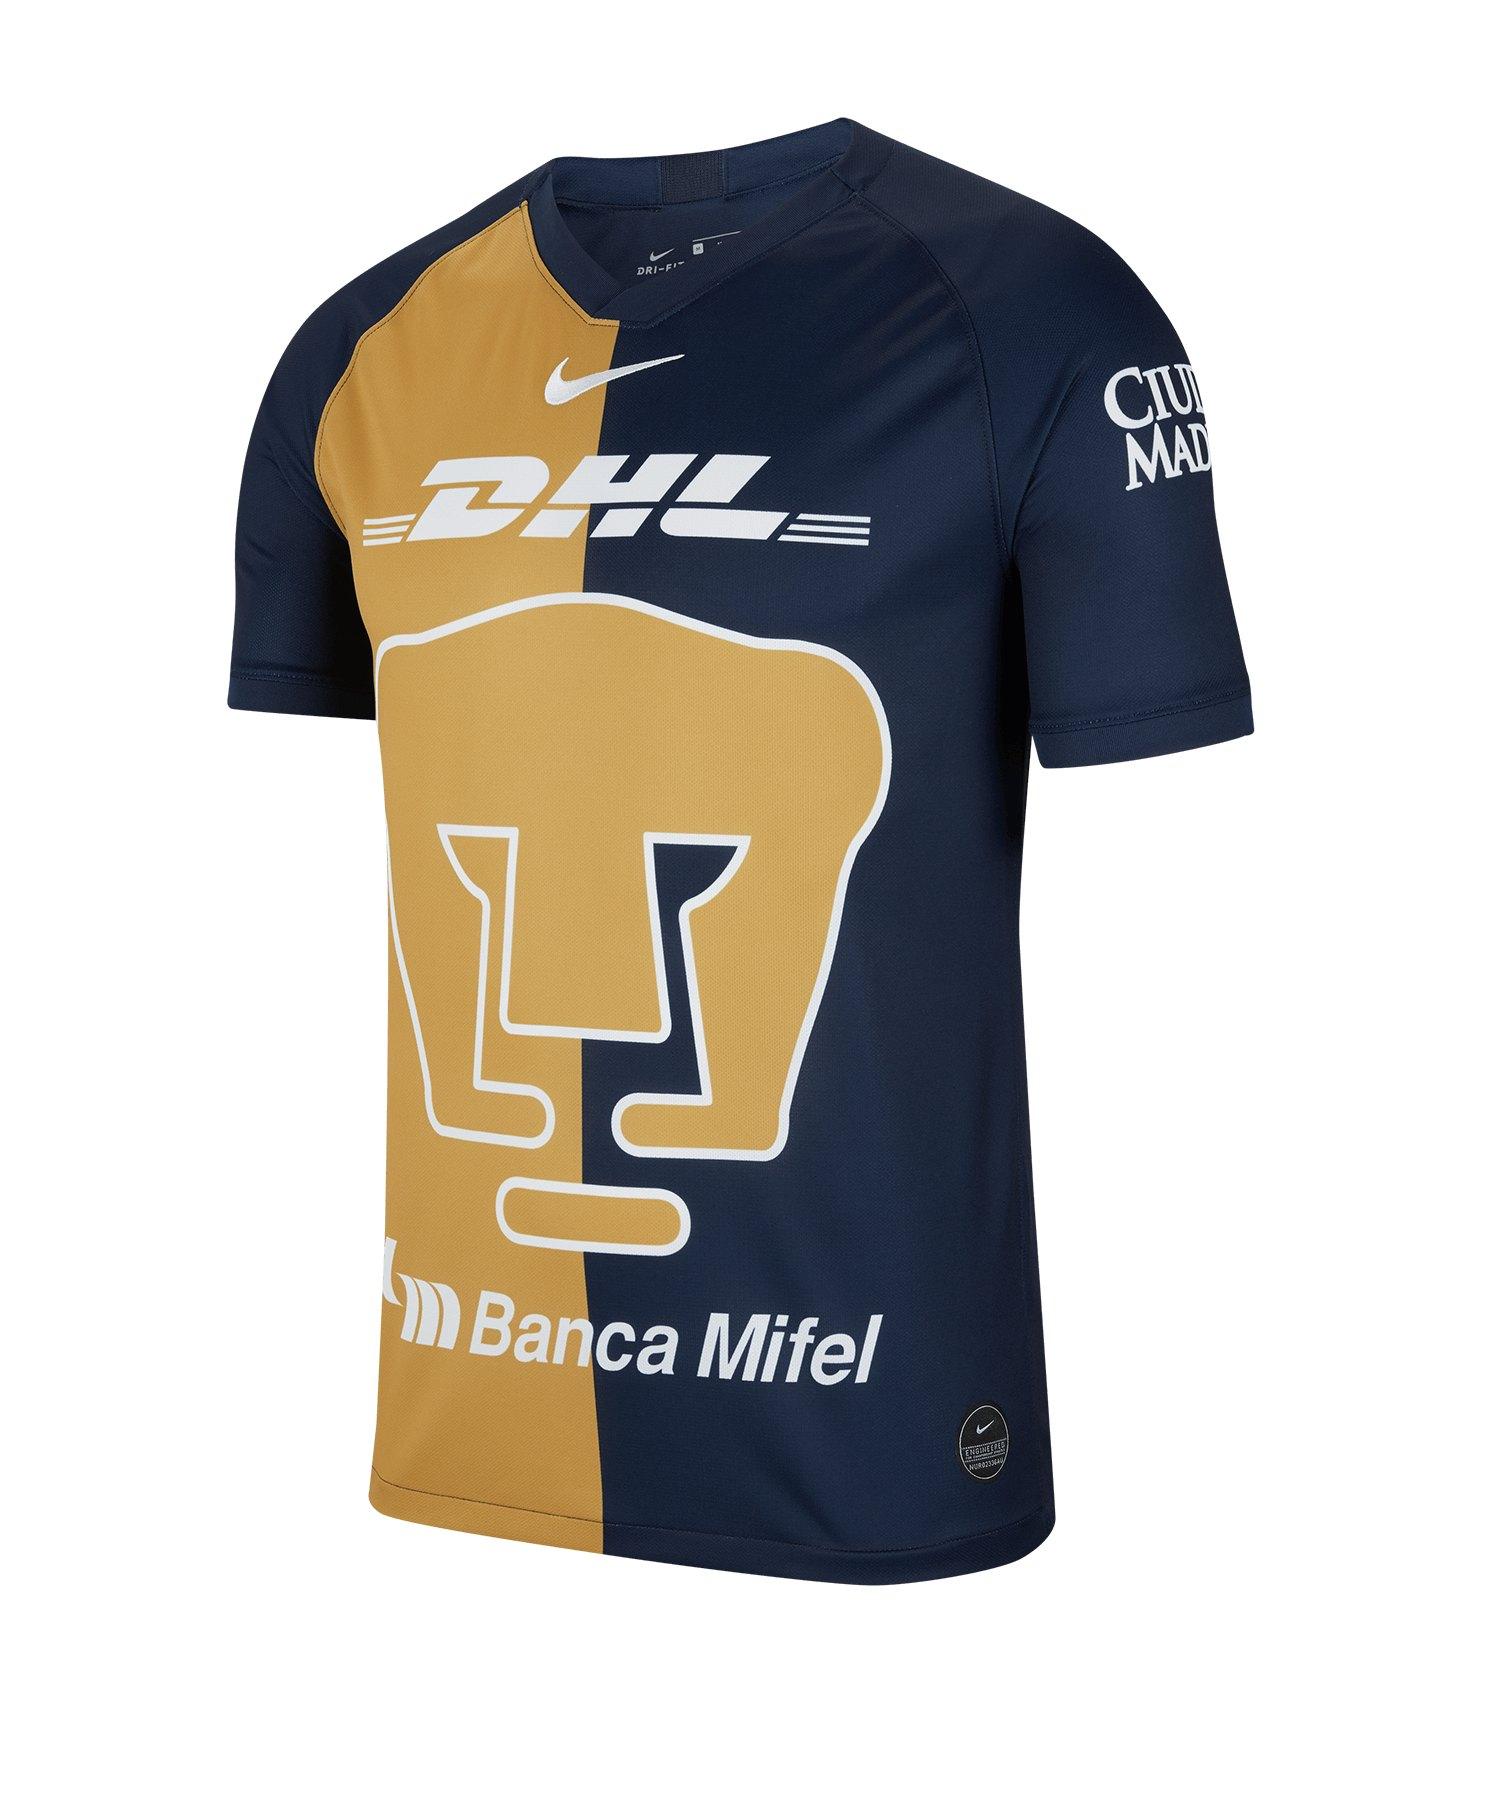 Nike UNAM Pumas Trikot 3rd 19/20 Blau F451 - blau